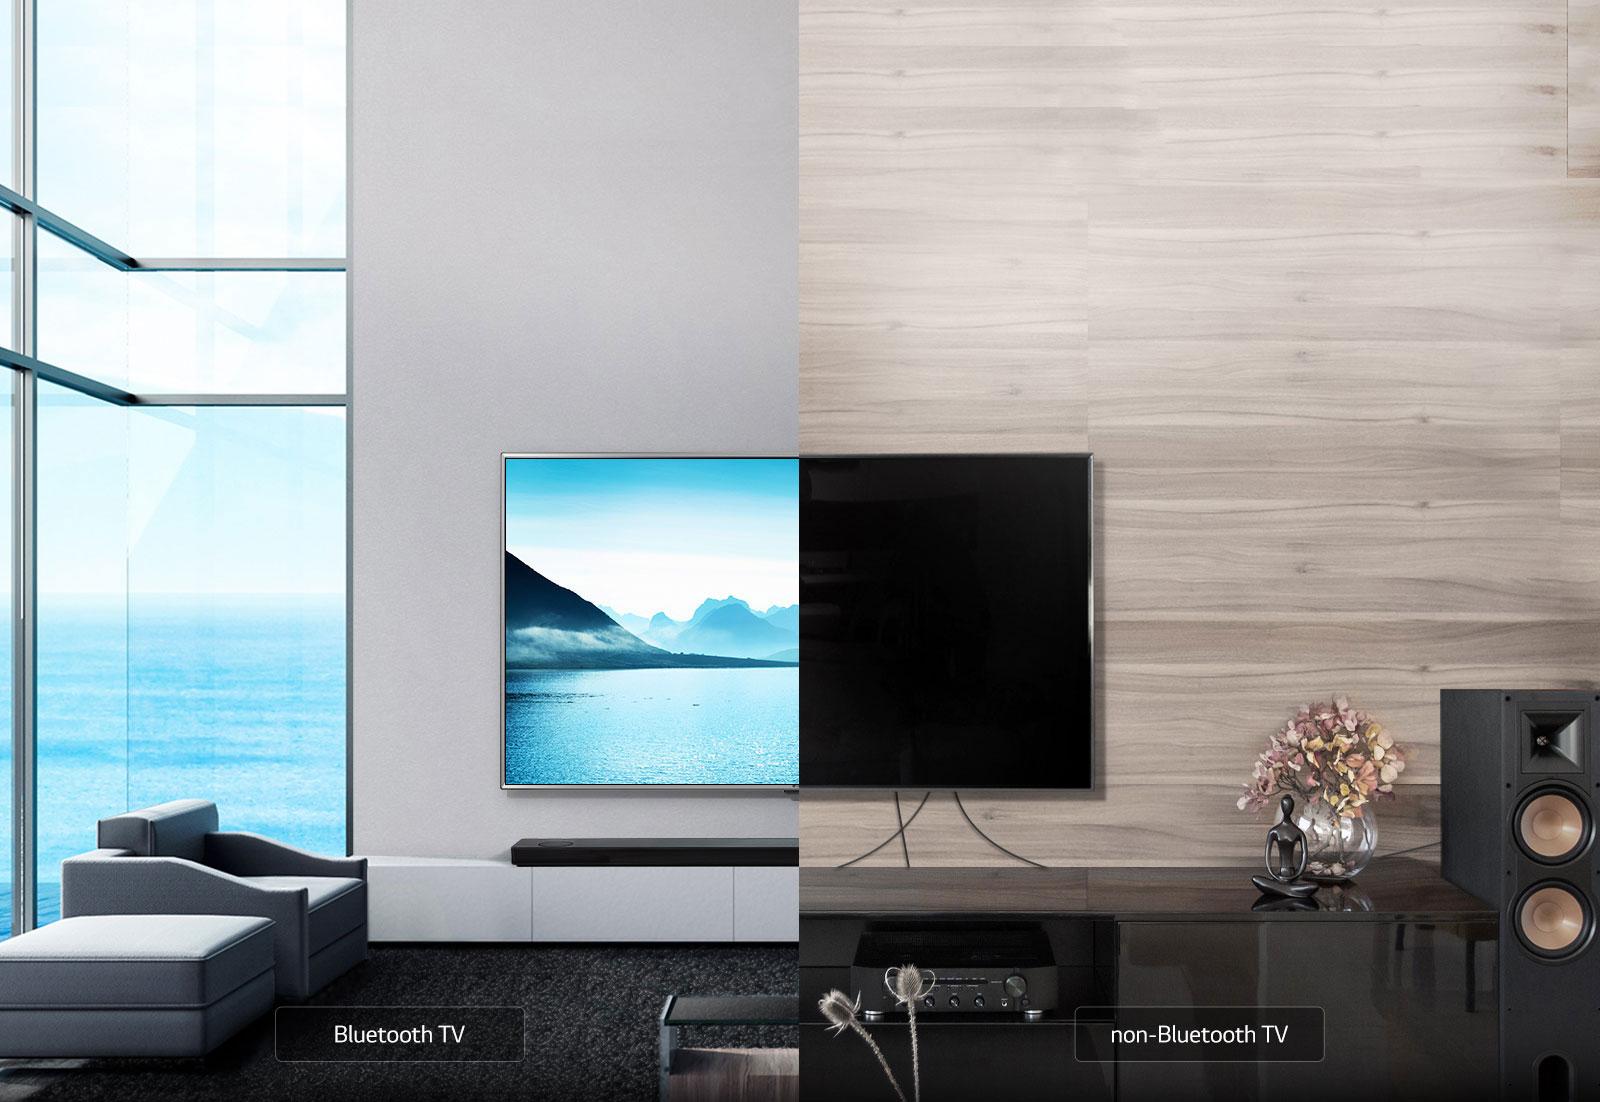 Un téléviseur pratique grâce au sans-fil1